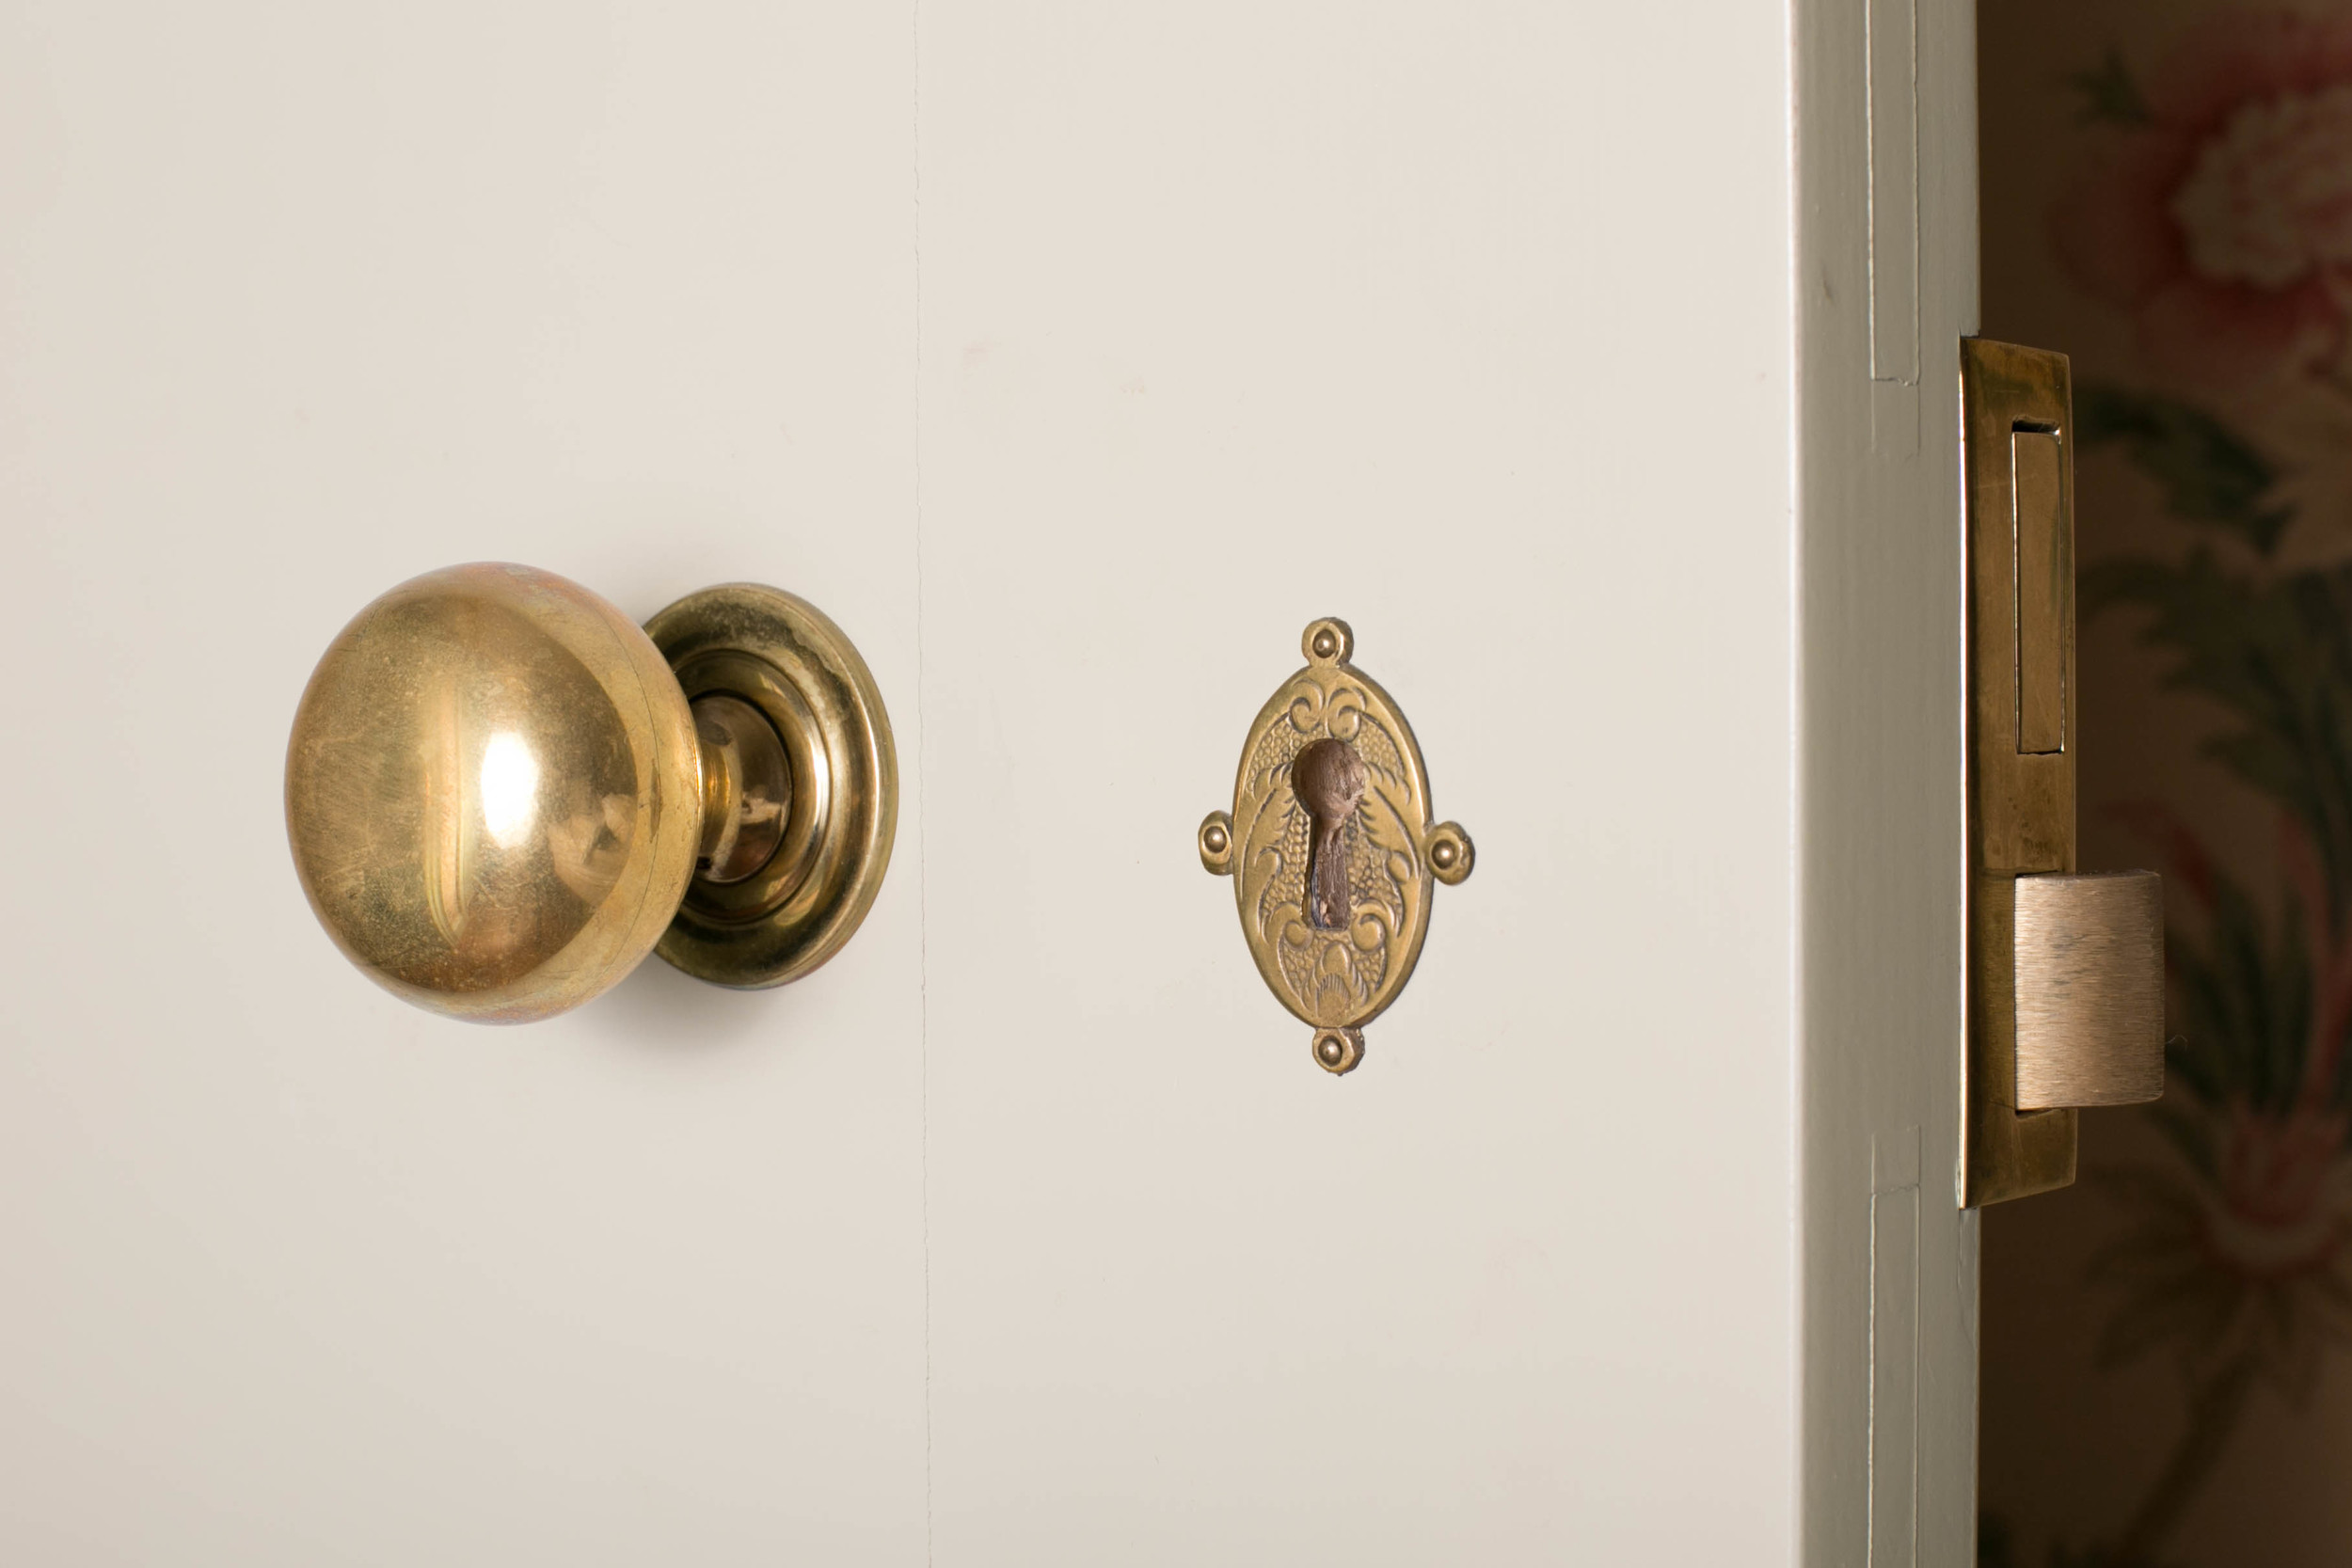 Doors have working keyholes